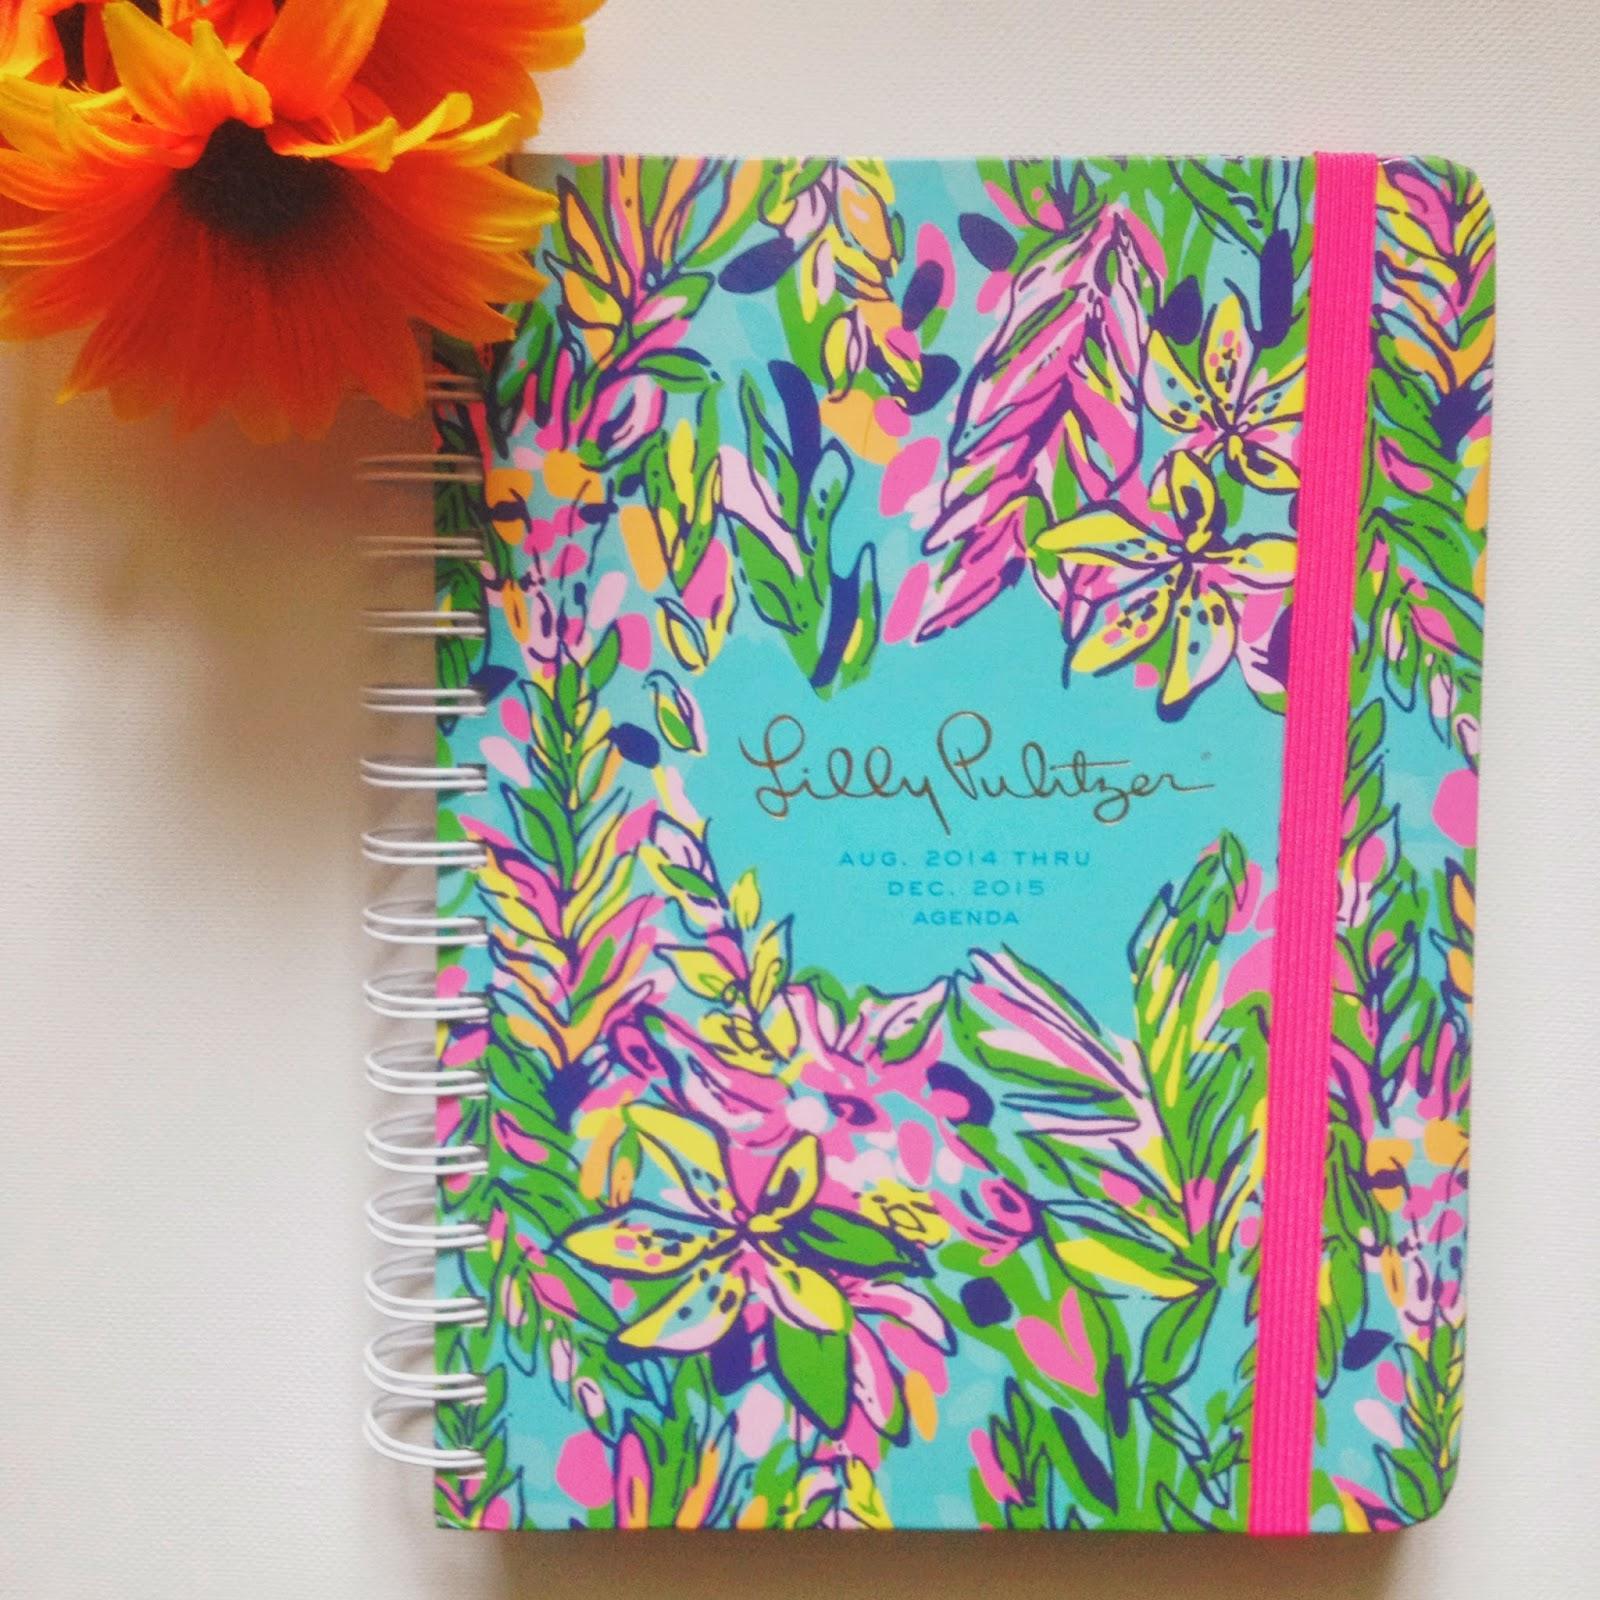 Lilly Pulitzer, planner, agenda, organization, Hot Spot, giraffe